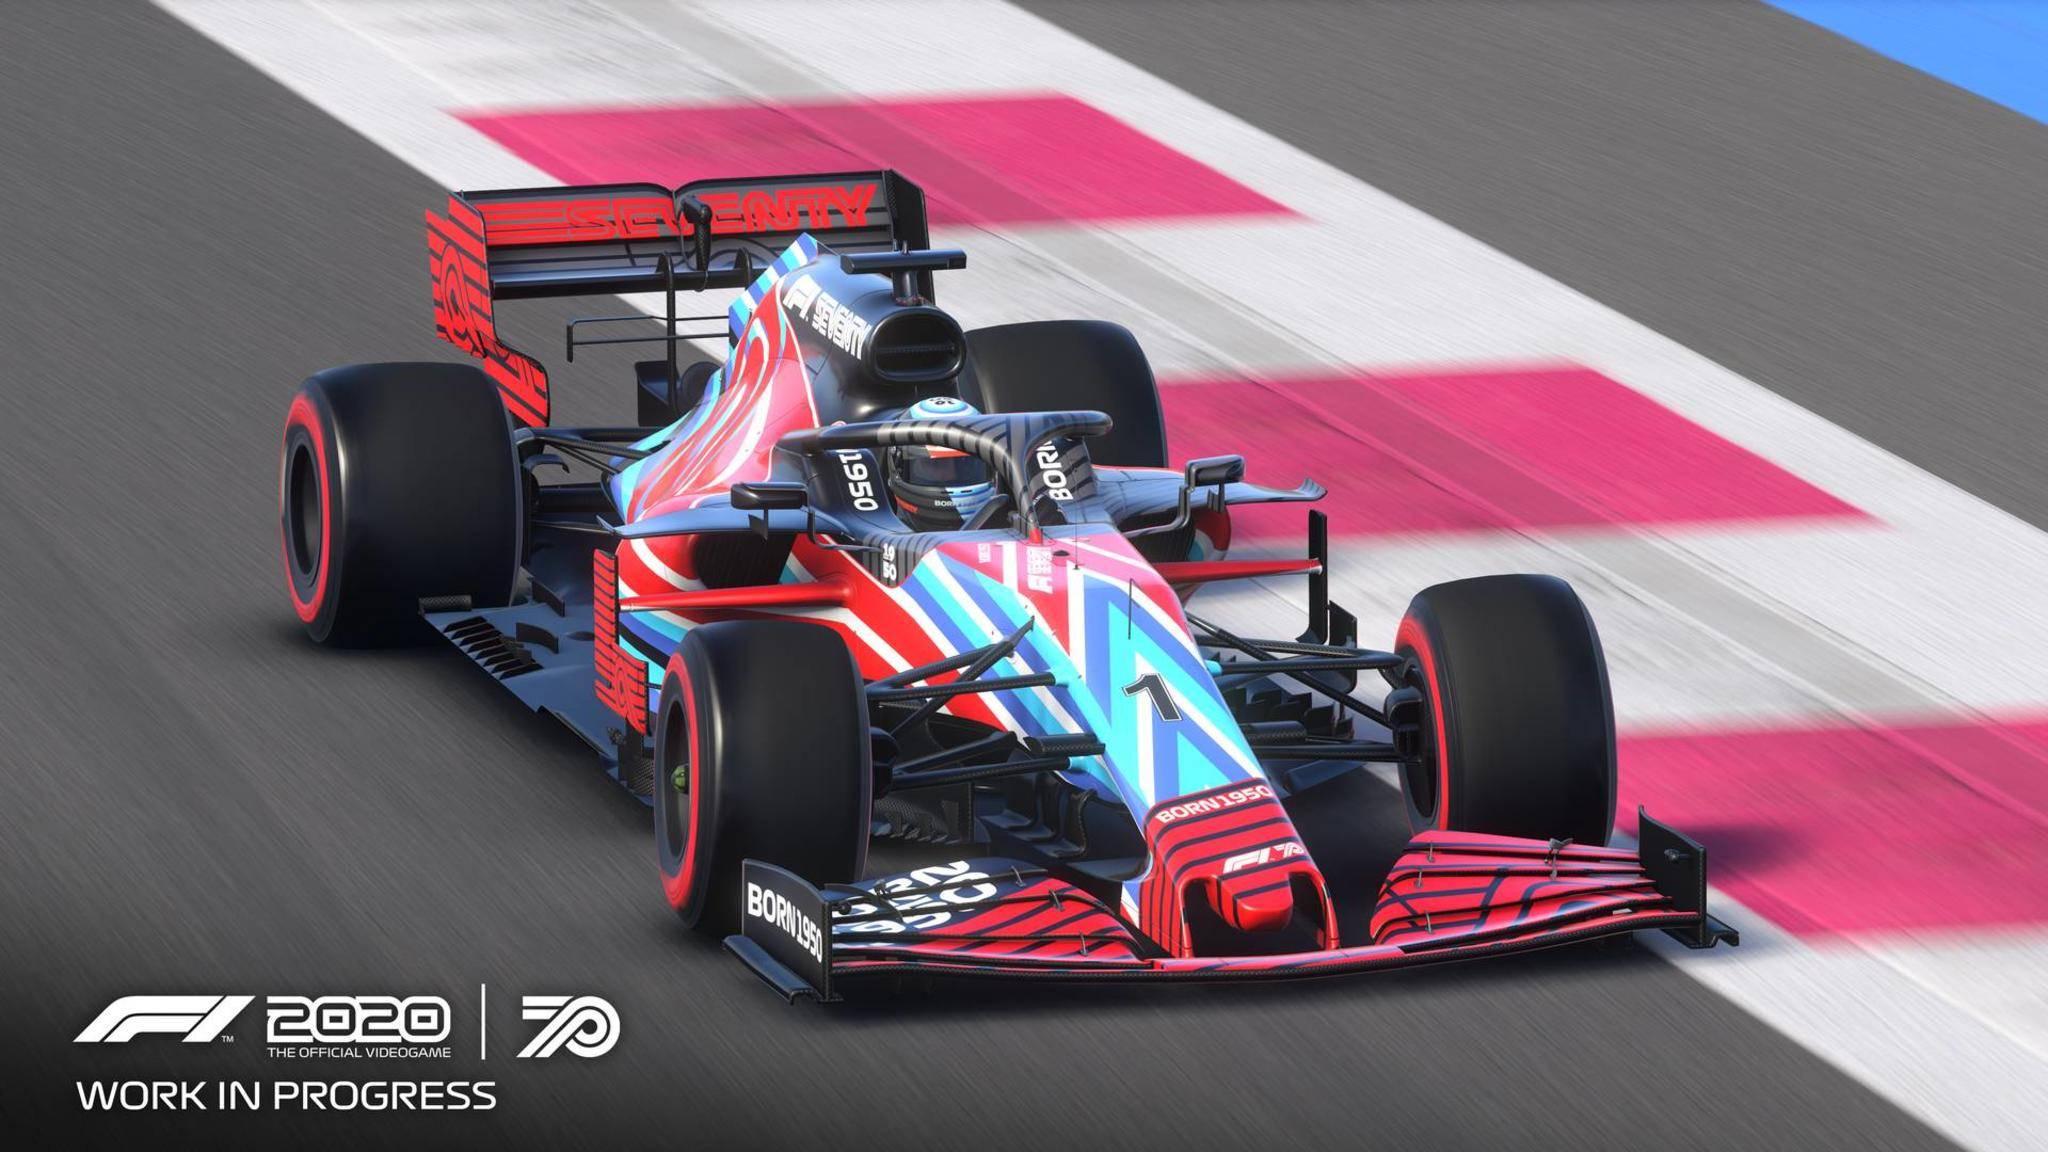 """Daniel Abt ließ den E-Sport-Profi Lorenz Hoerzing ein virtuelles Rennen für sich fahren – der Schwindel flog auf. (Symbolbild: """"F-1 2020 """")"""